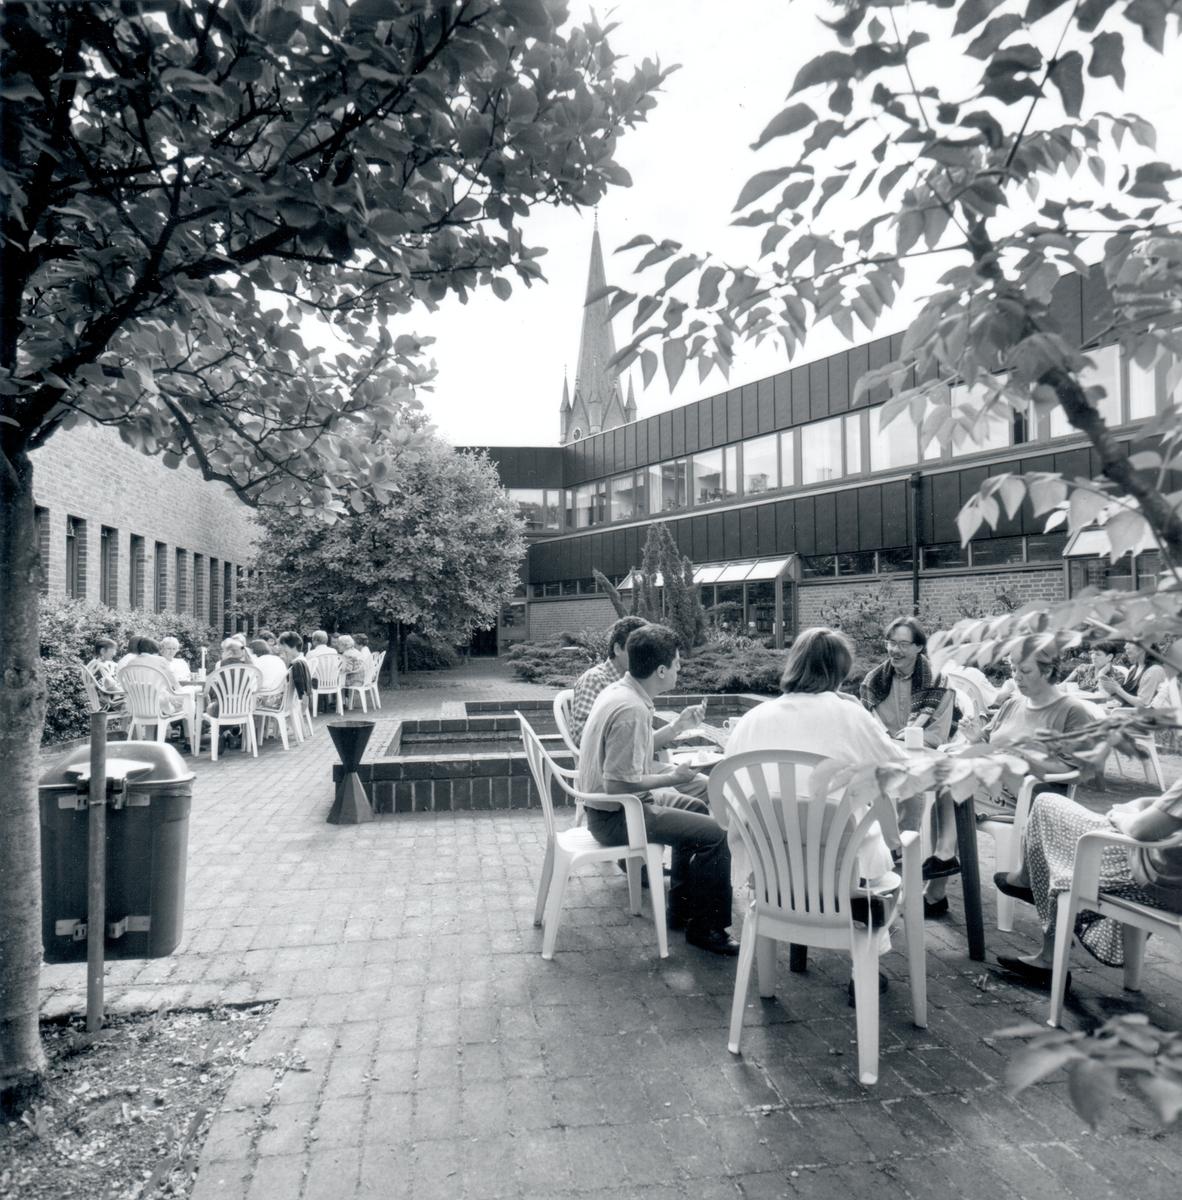 Innergården av Stifts- och landsbiblioteket, domkyrkotornet ses i bakgrunden.Stadsbiblioteket: Efter en arkitekttävling 1966 ritades och inreddes biblioteket av arkitekterna Bo Cederlöf och Carl-Ewert Ekström. Byggnaden öppnades för allmänheten 1973-11-03, men invigningen skedde först 1974-06-06. Natten mellan 20-21 september 1996 utbröt en brand och huvuddelen av biblioteket förstördes.